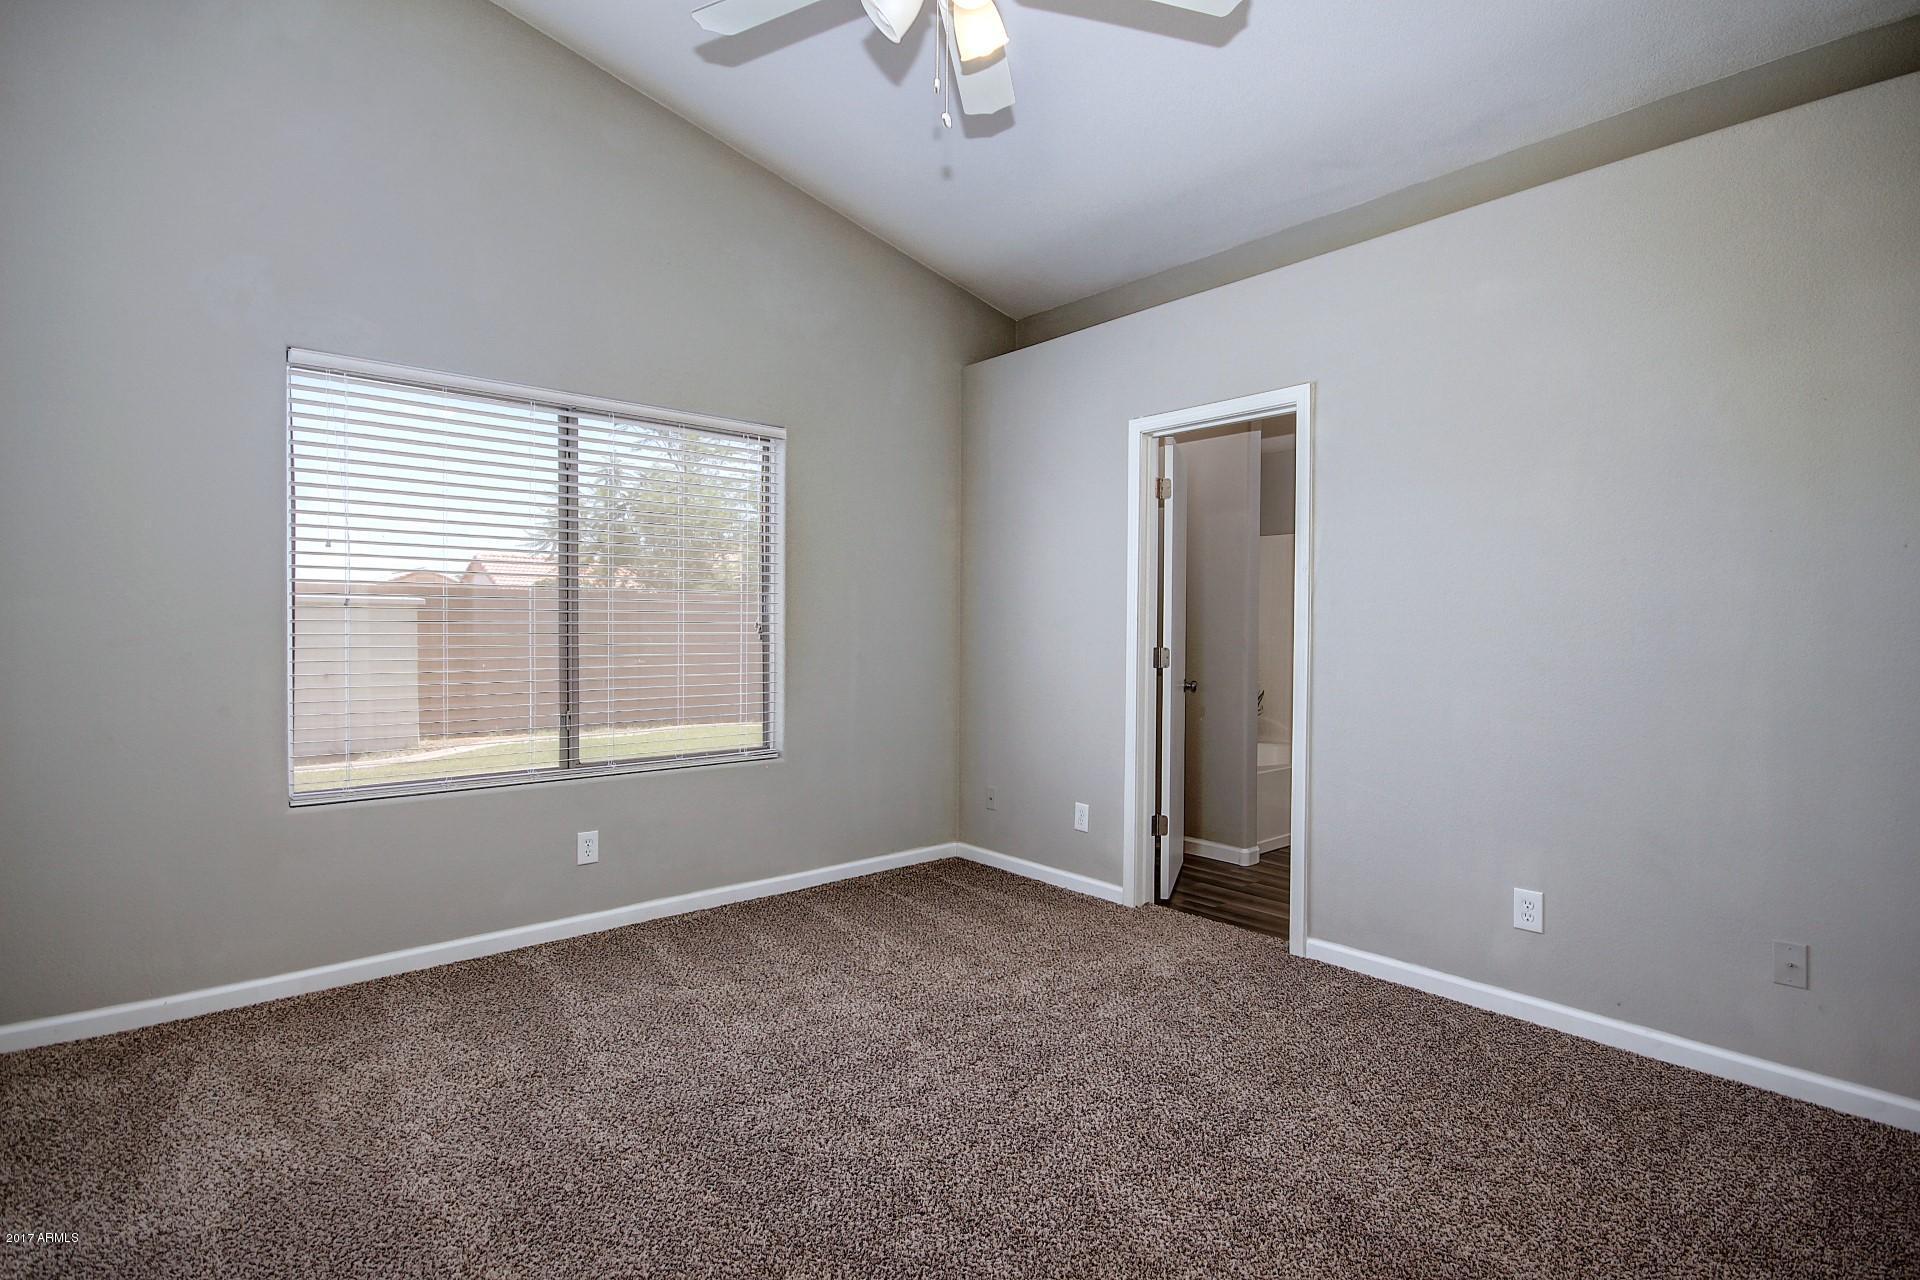 16169 W Davis  Road Surprise, AZ 85374 - img16